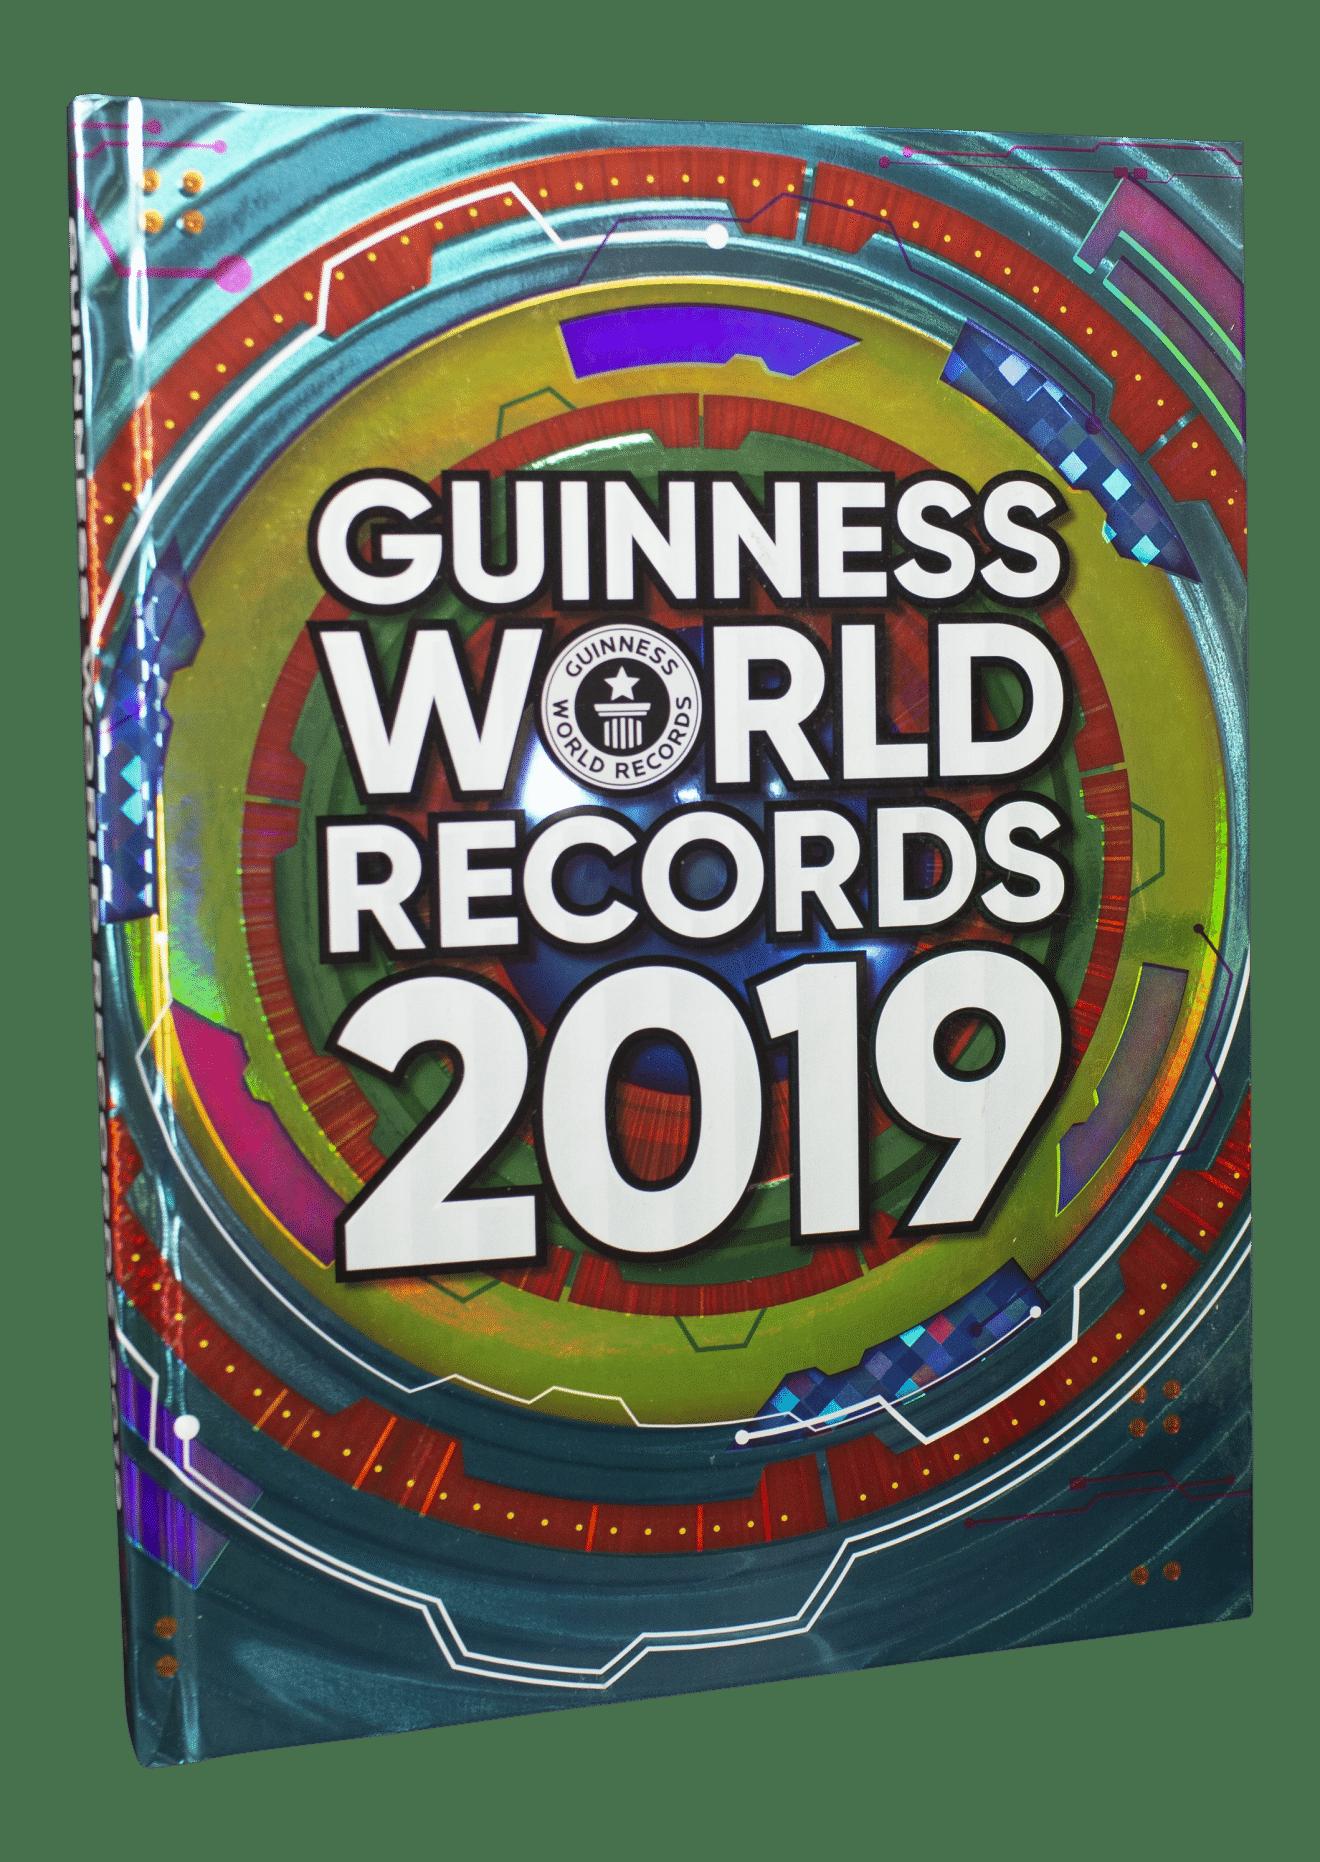 Guinness World Records, Guinness World Records 2019, rekord, rekordbog, rekordbøger, børnebog, børnebøger